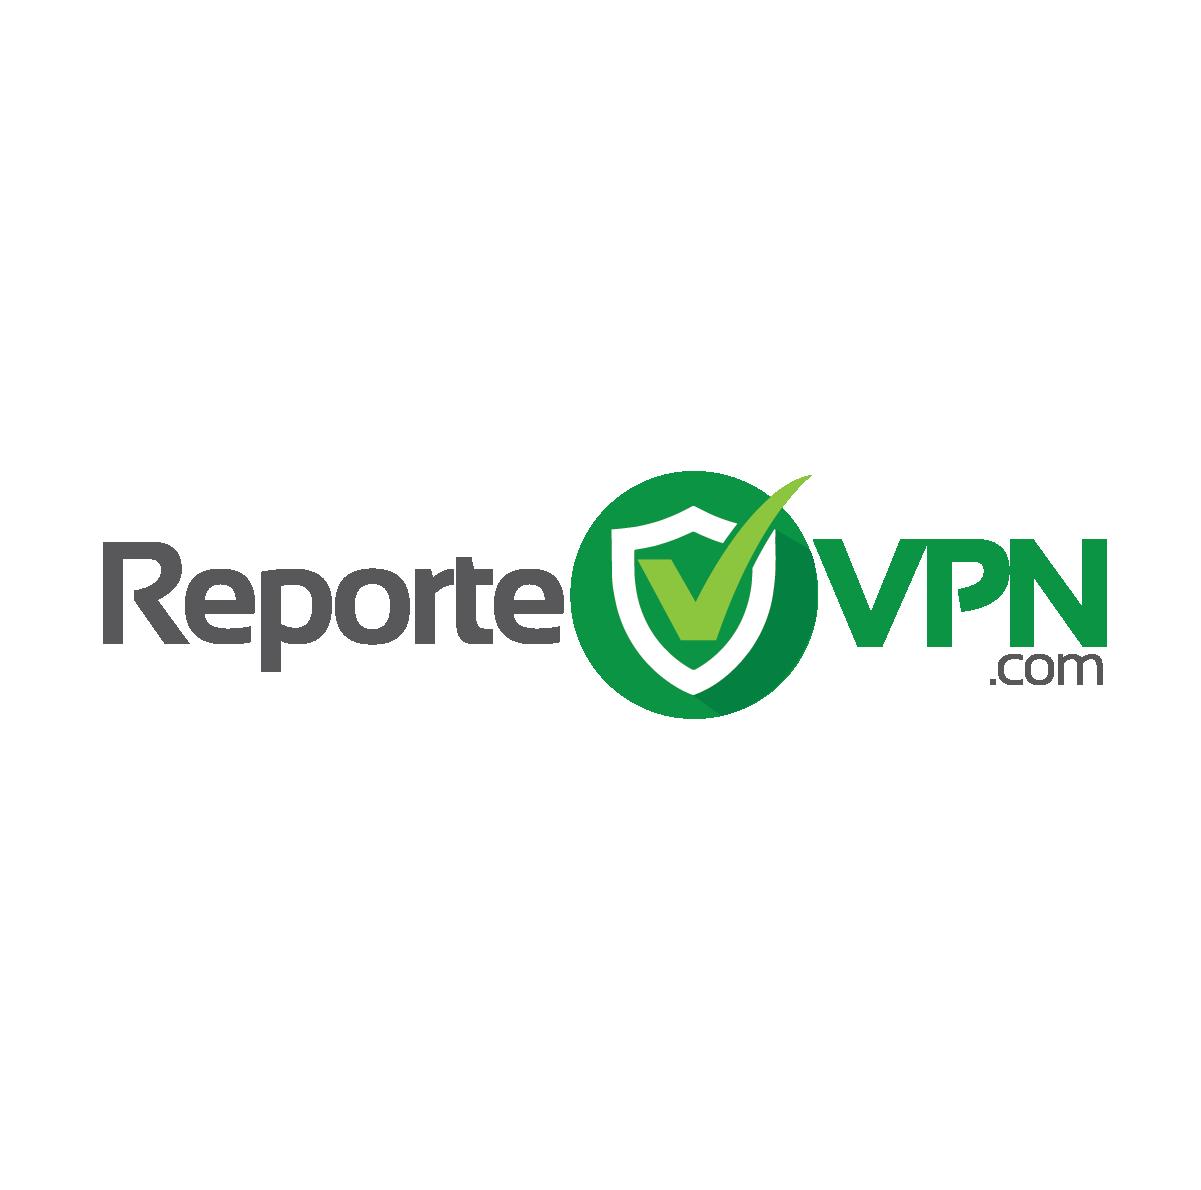 Descubriendo un internet libre y seguro con ReporteVPN.com